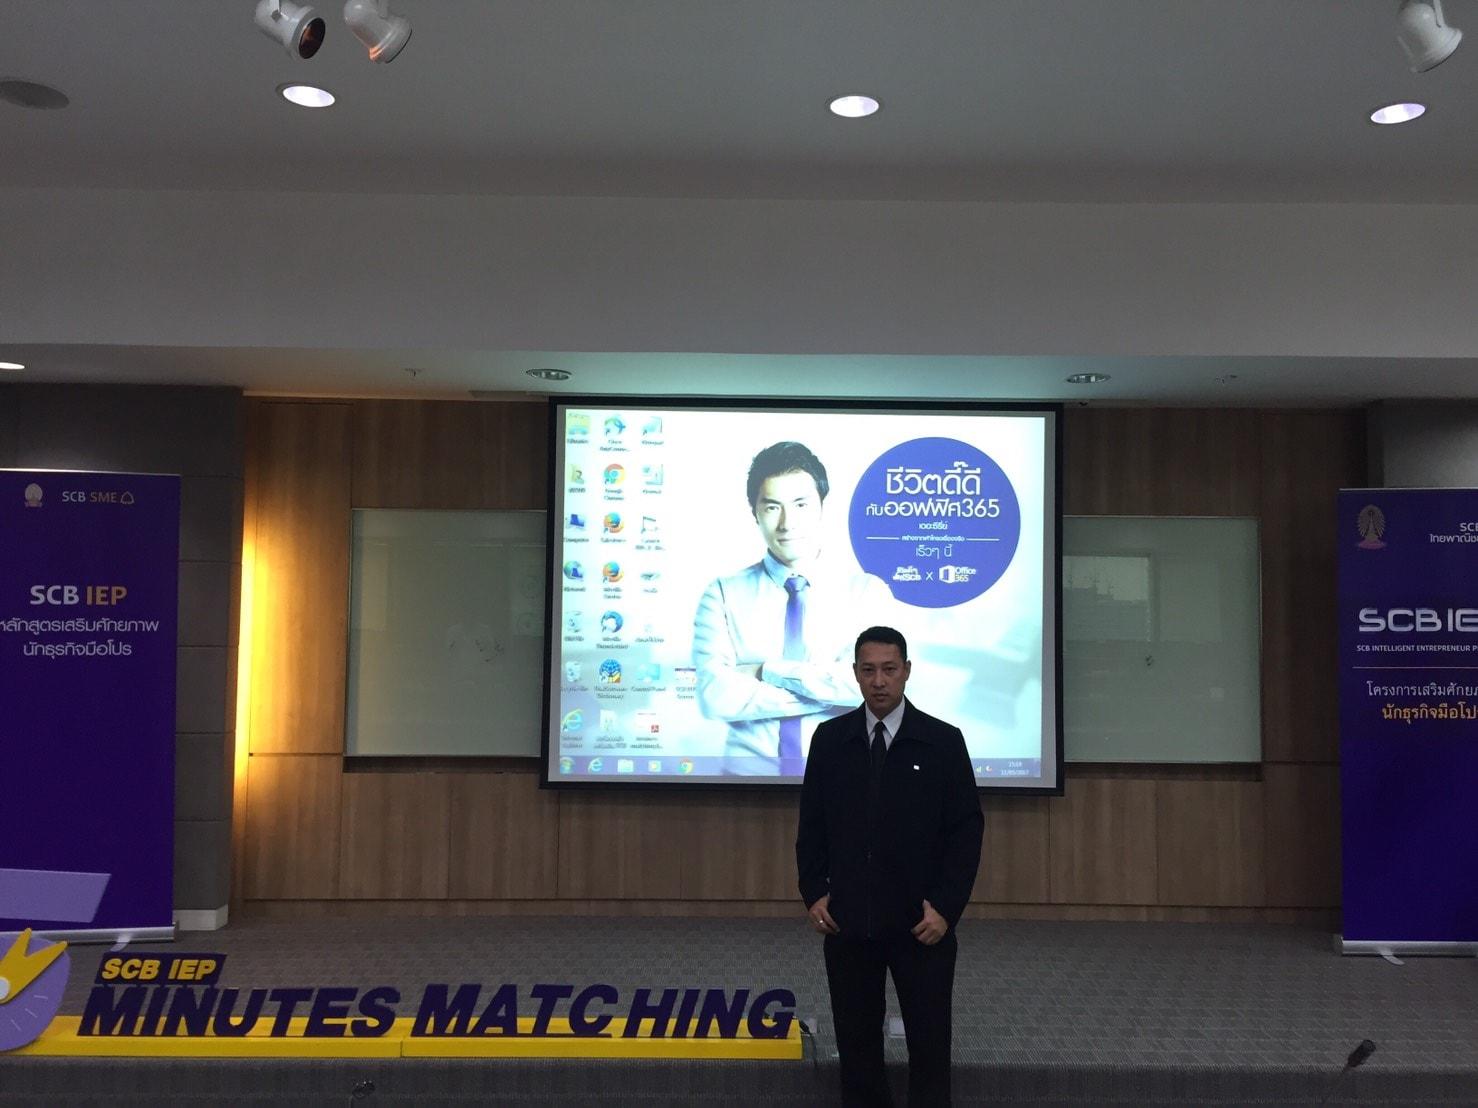 """คุณกัมพล ทรัพย์ปรุง ได้รับเชิญบรรยายเรื่อง """"SMEs Tax Management"""" ณ ธนาคารไทยพาณิชย์ สำนักงานใหญ่"""